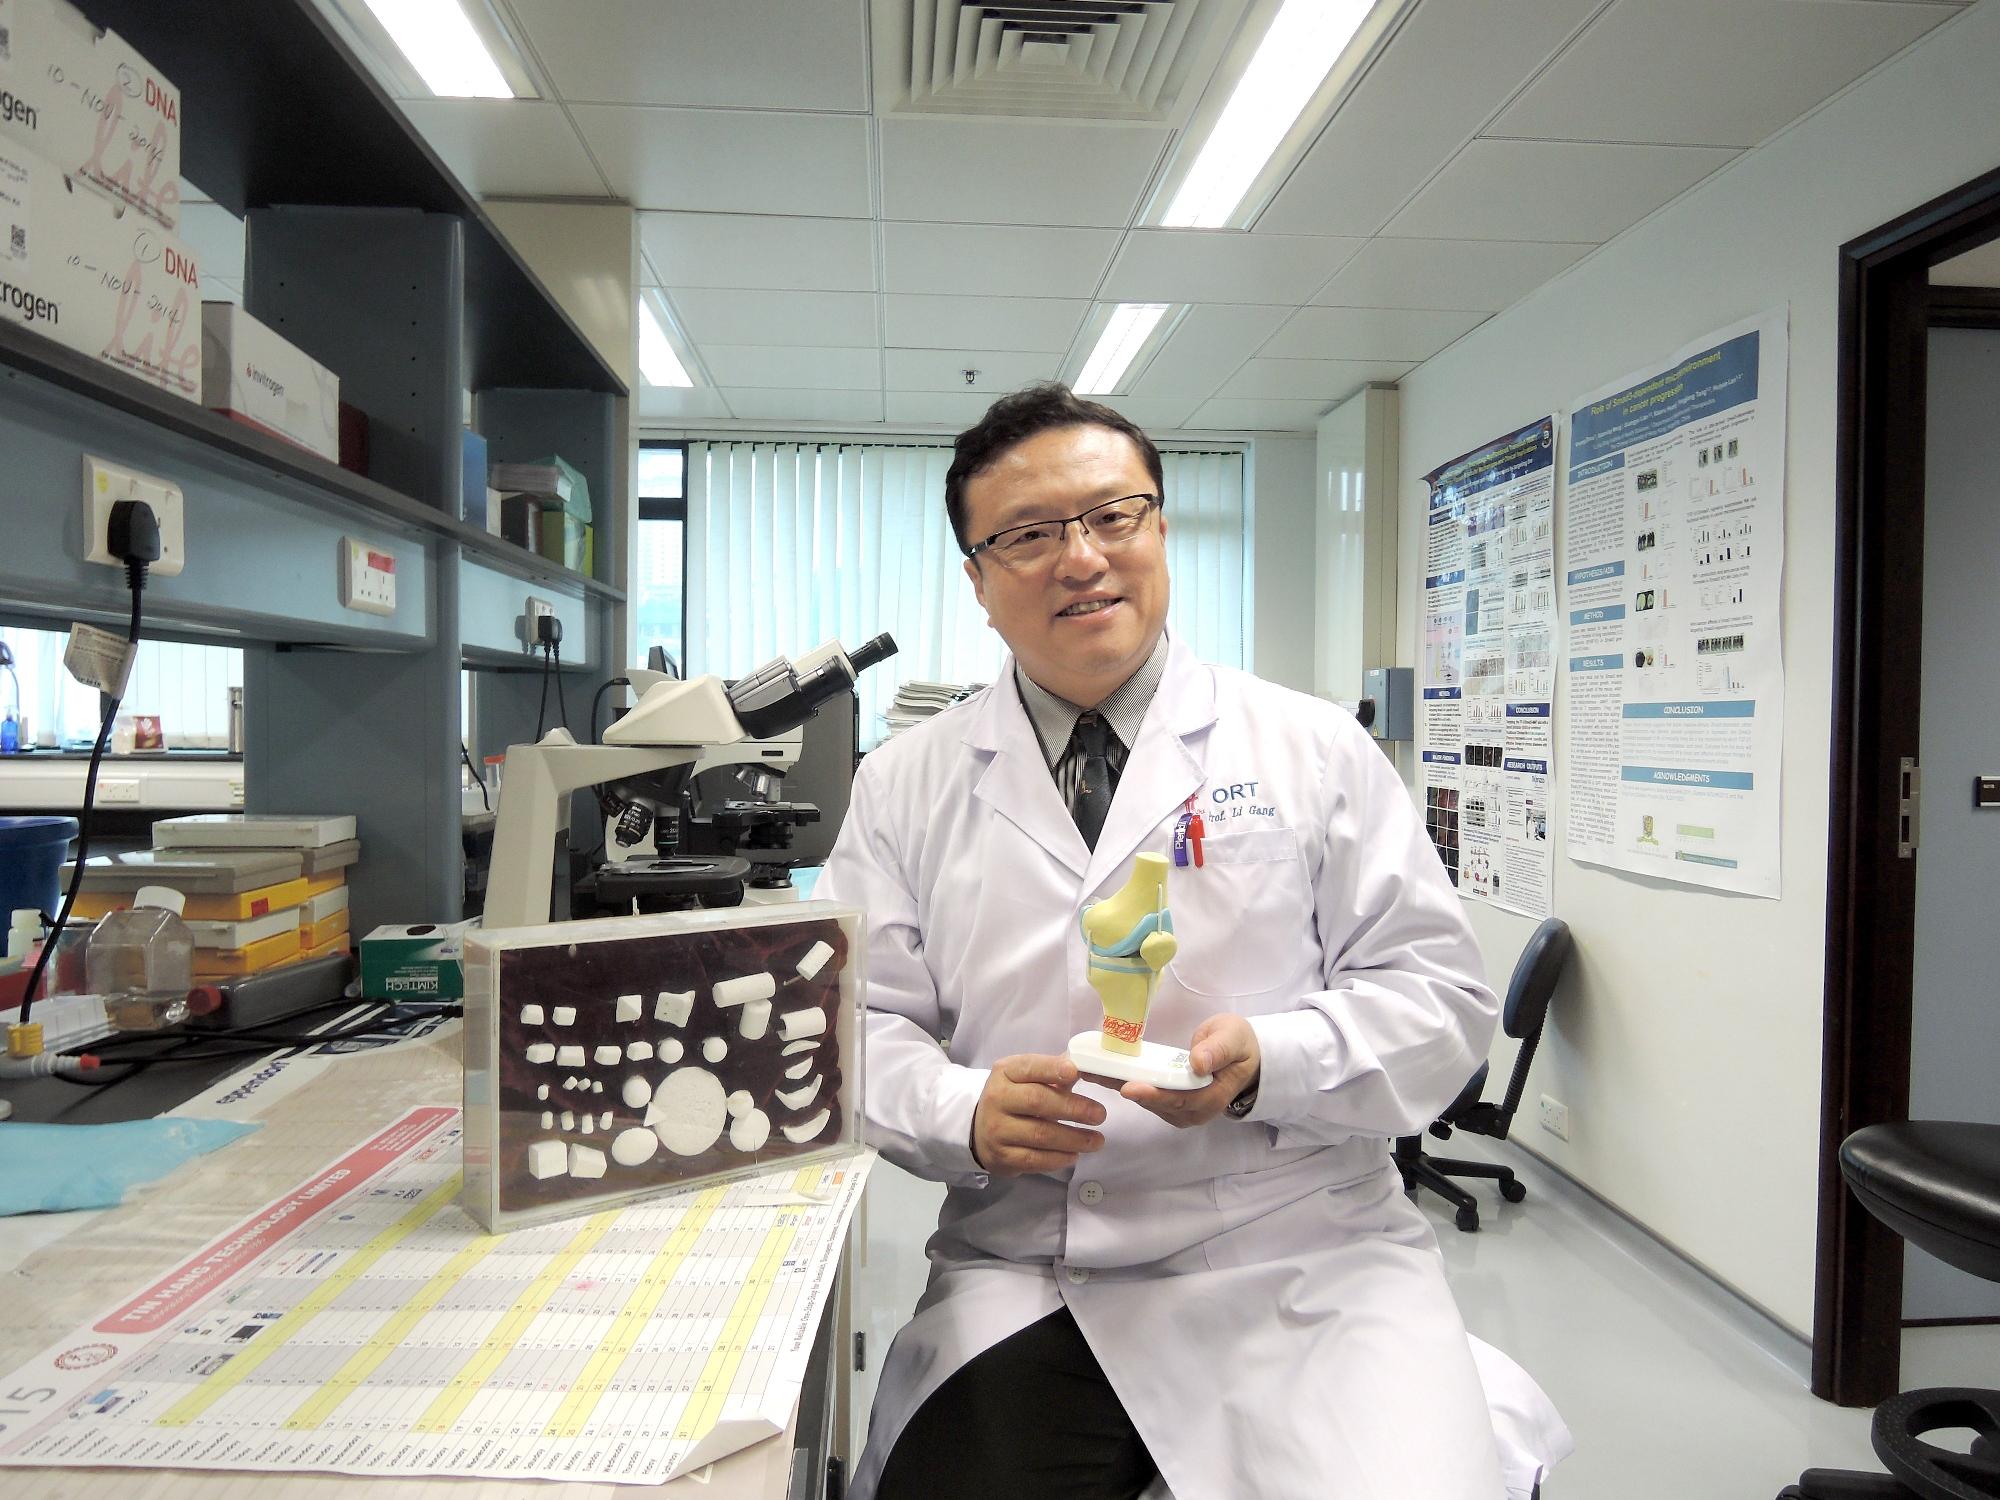 中大矫形外科及创伤学系教授李刚教授参与的组织工程骨研究获得2014年度高等学校科学研究优秀成果奖(科学技术)自然科学类别一等奖。